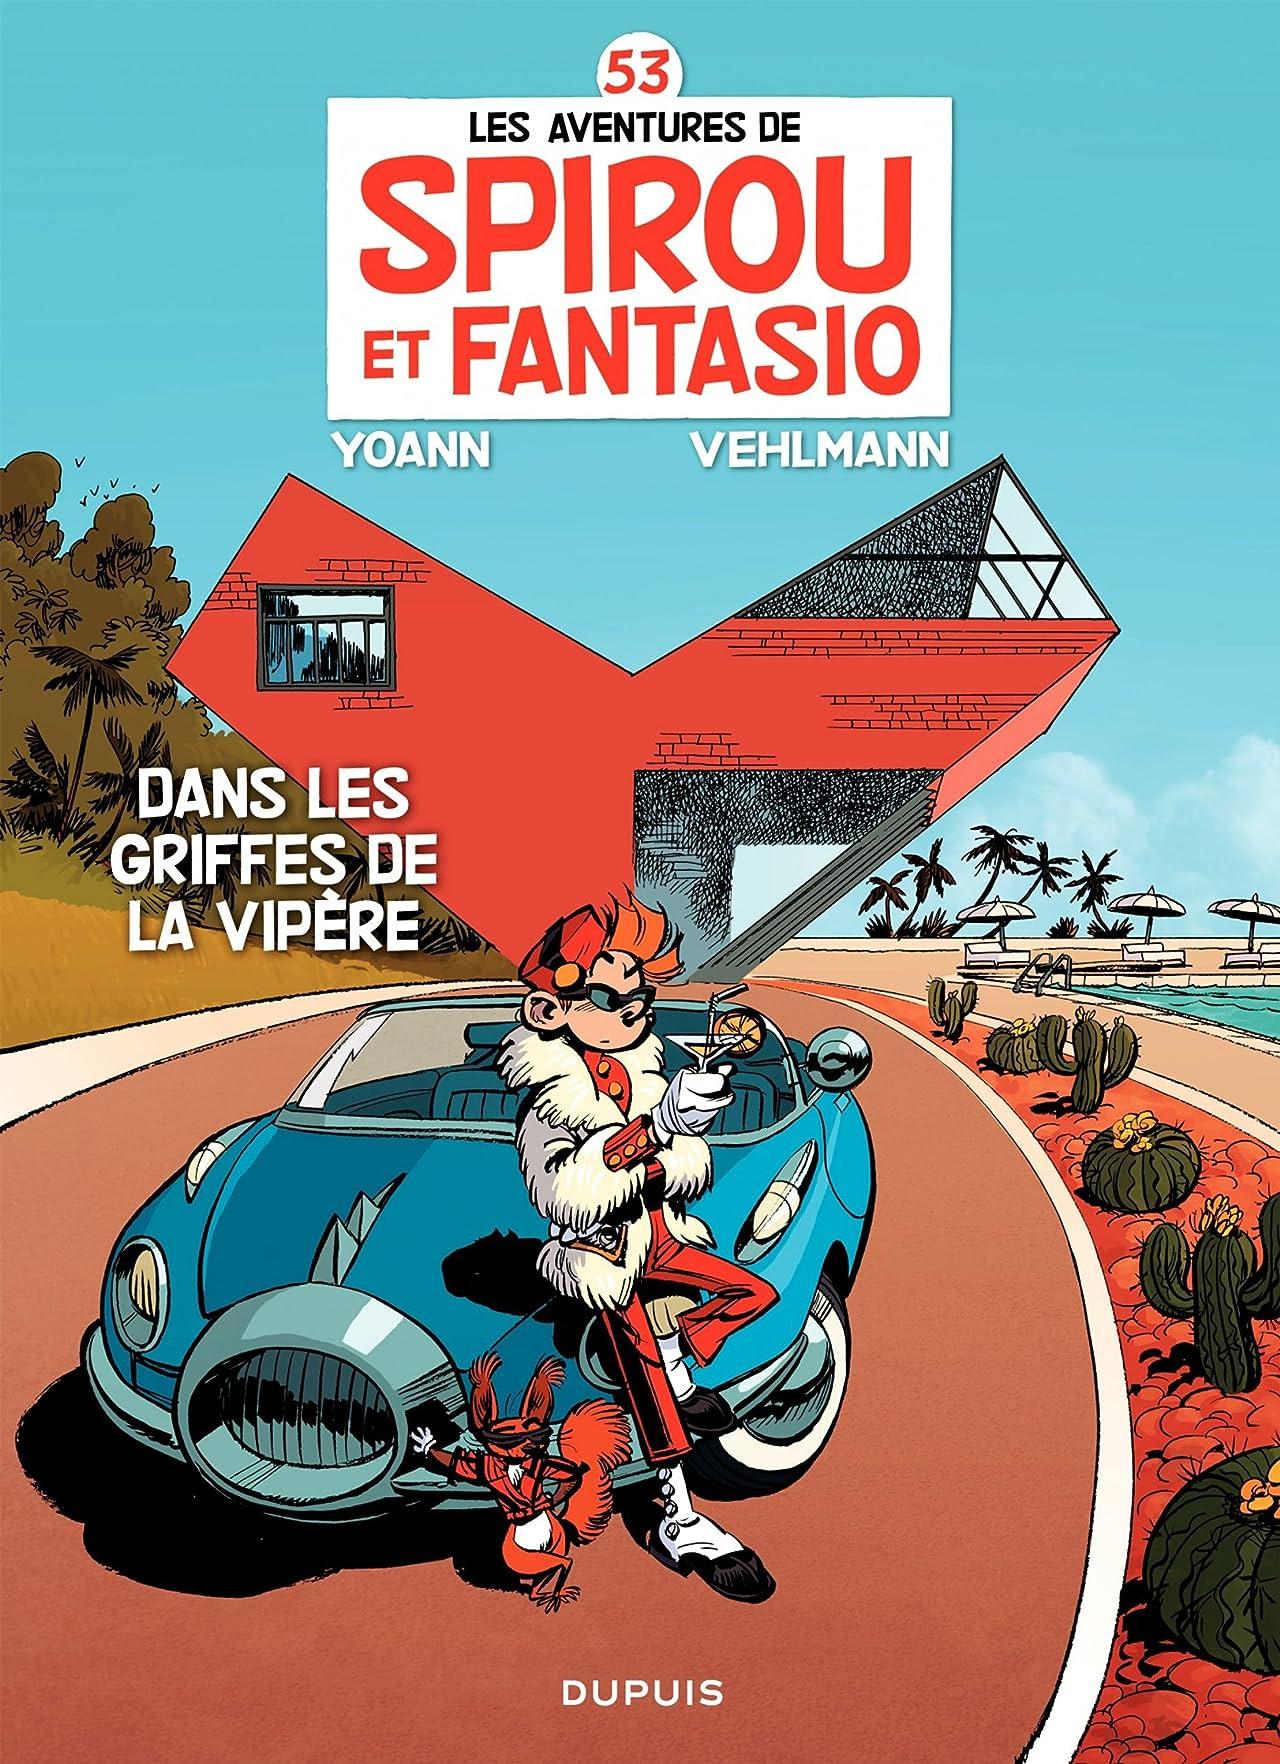 Spirou et Fantasio Vol. 53: Dans les griffes de la Vipère